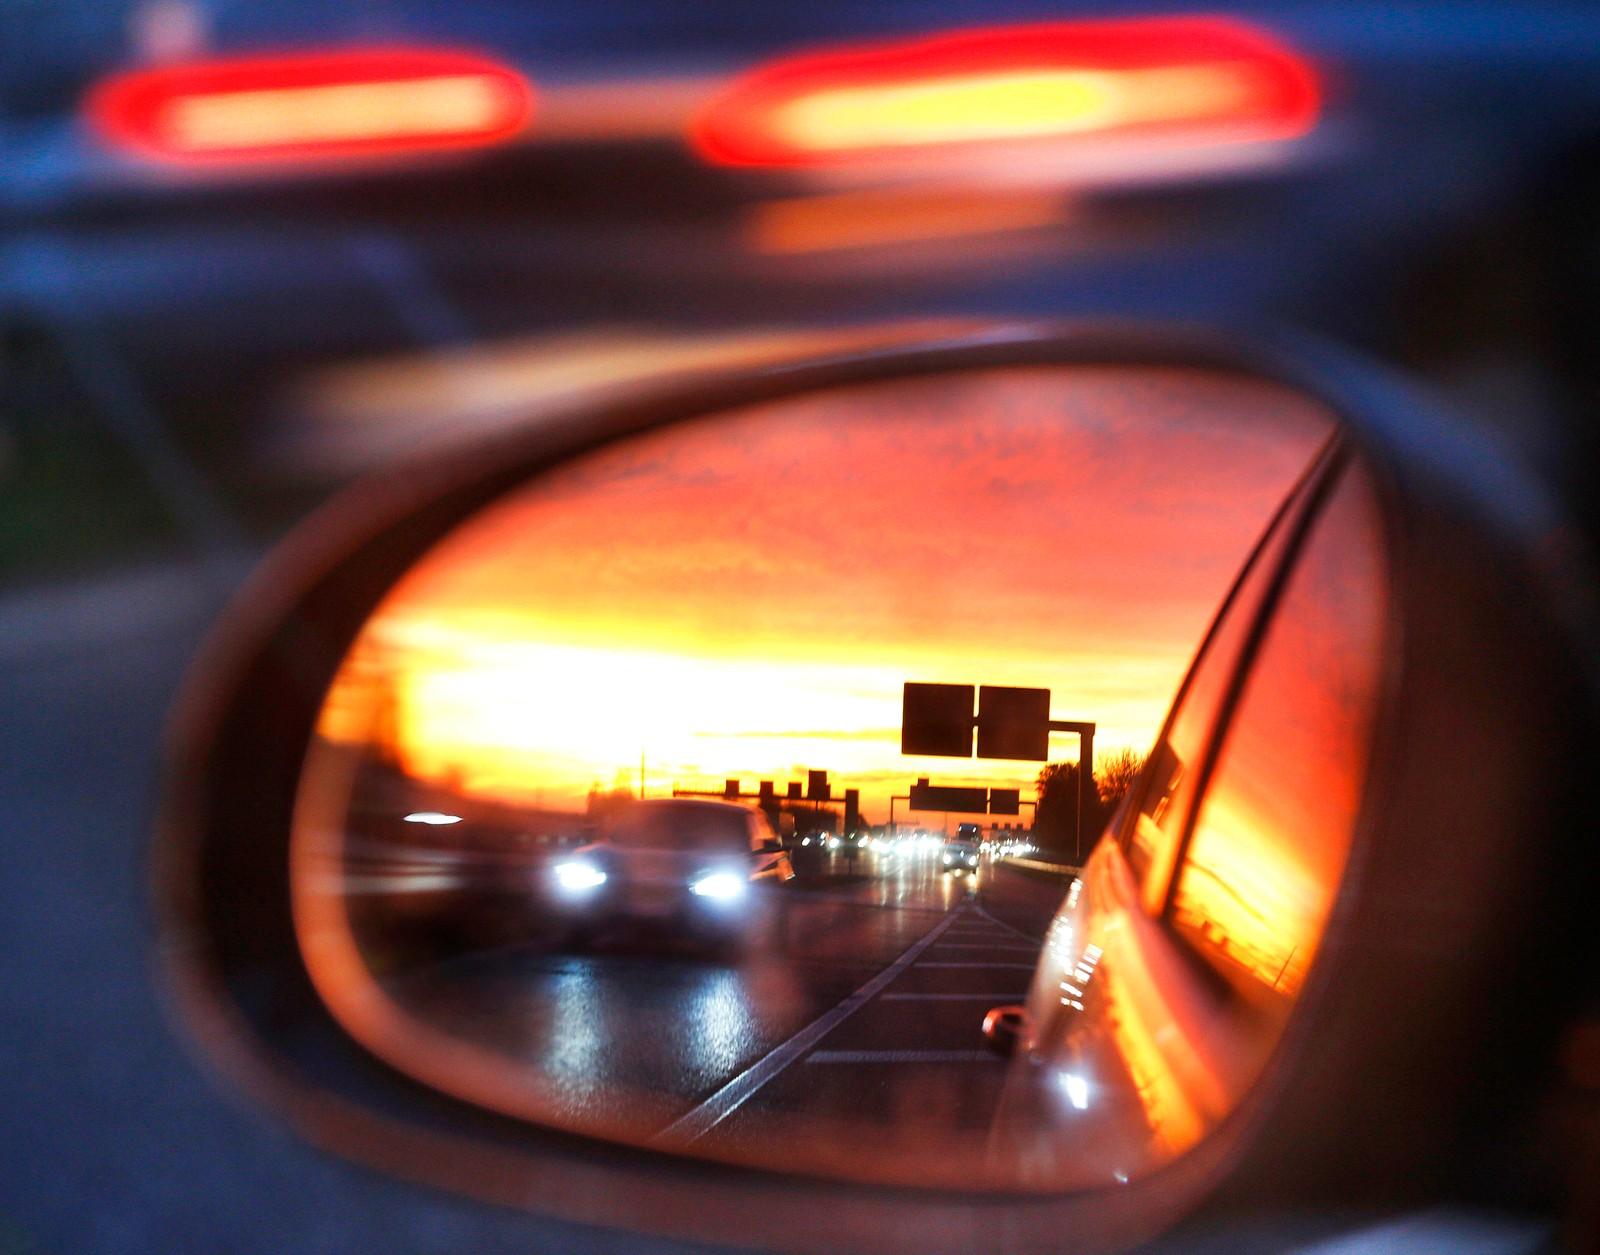 En titt i speilet på motorveien nær Frankfurt i Tyskland.